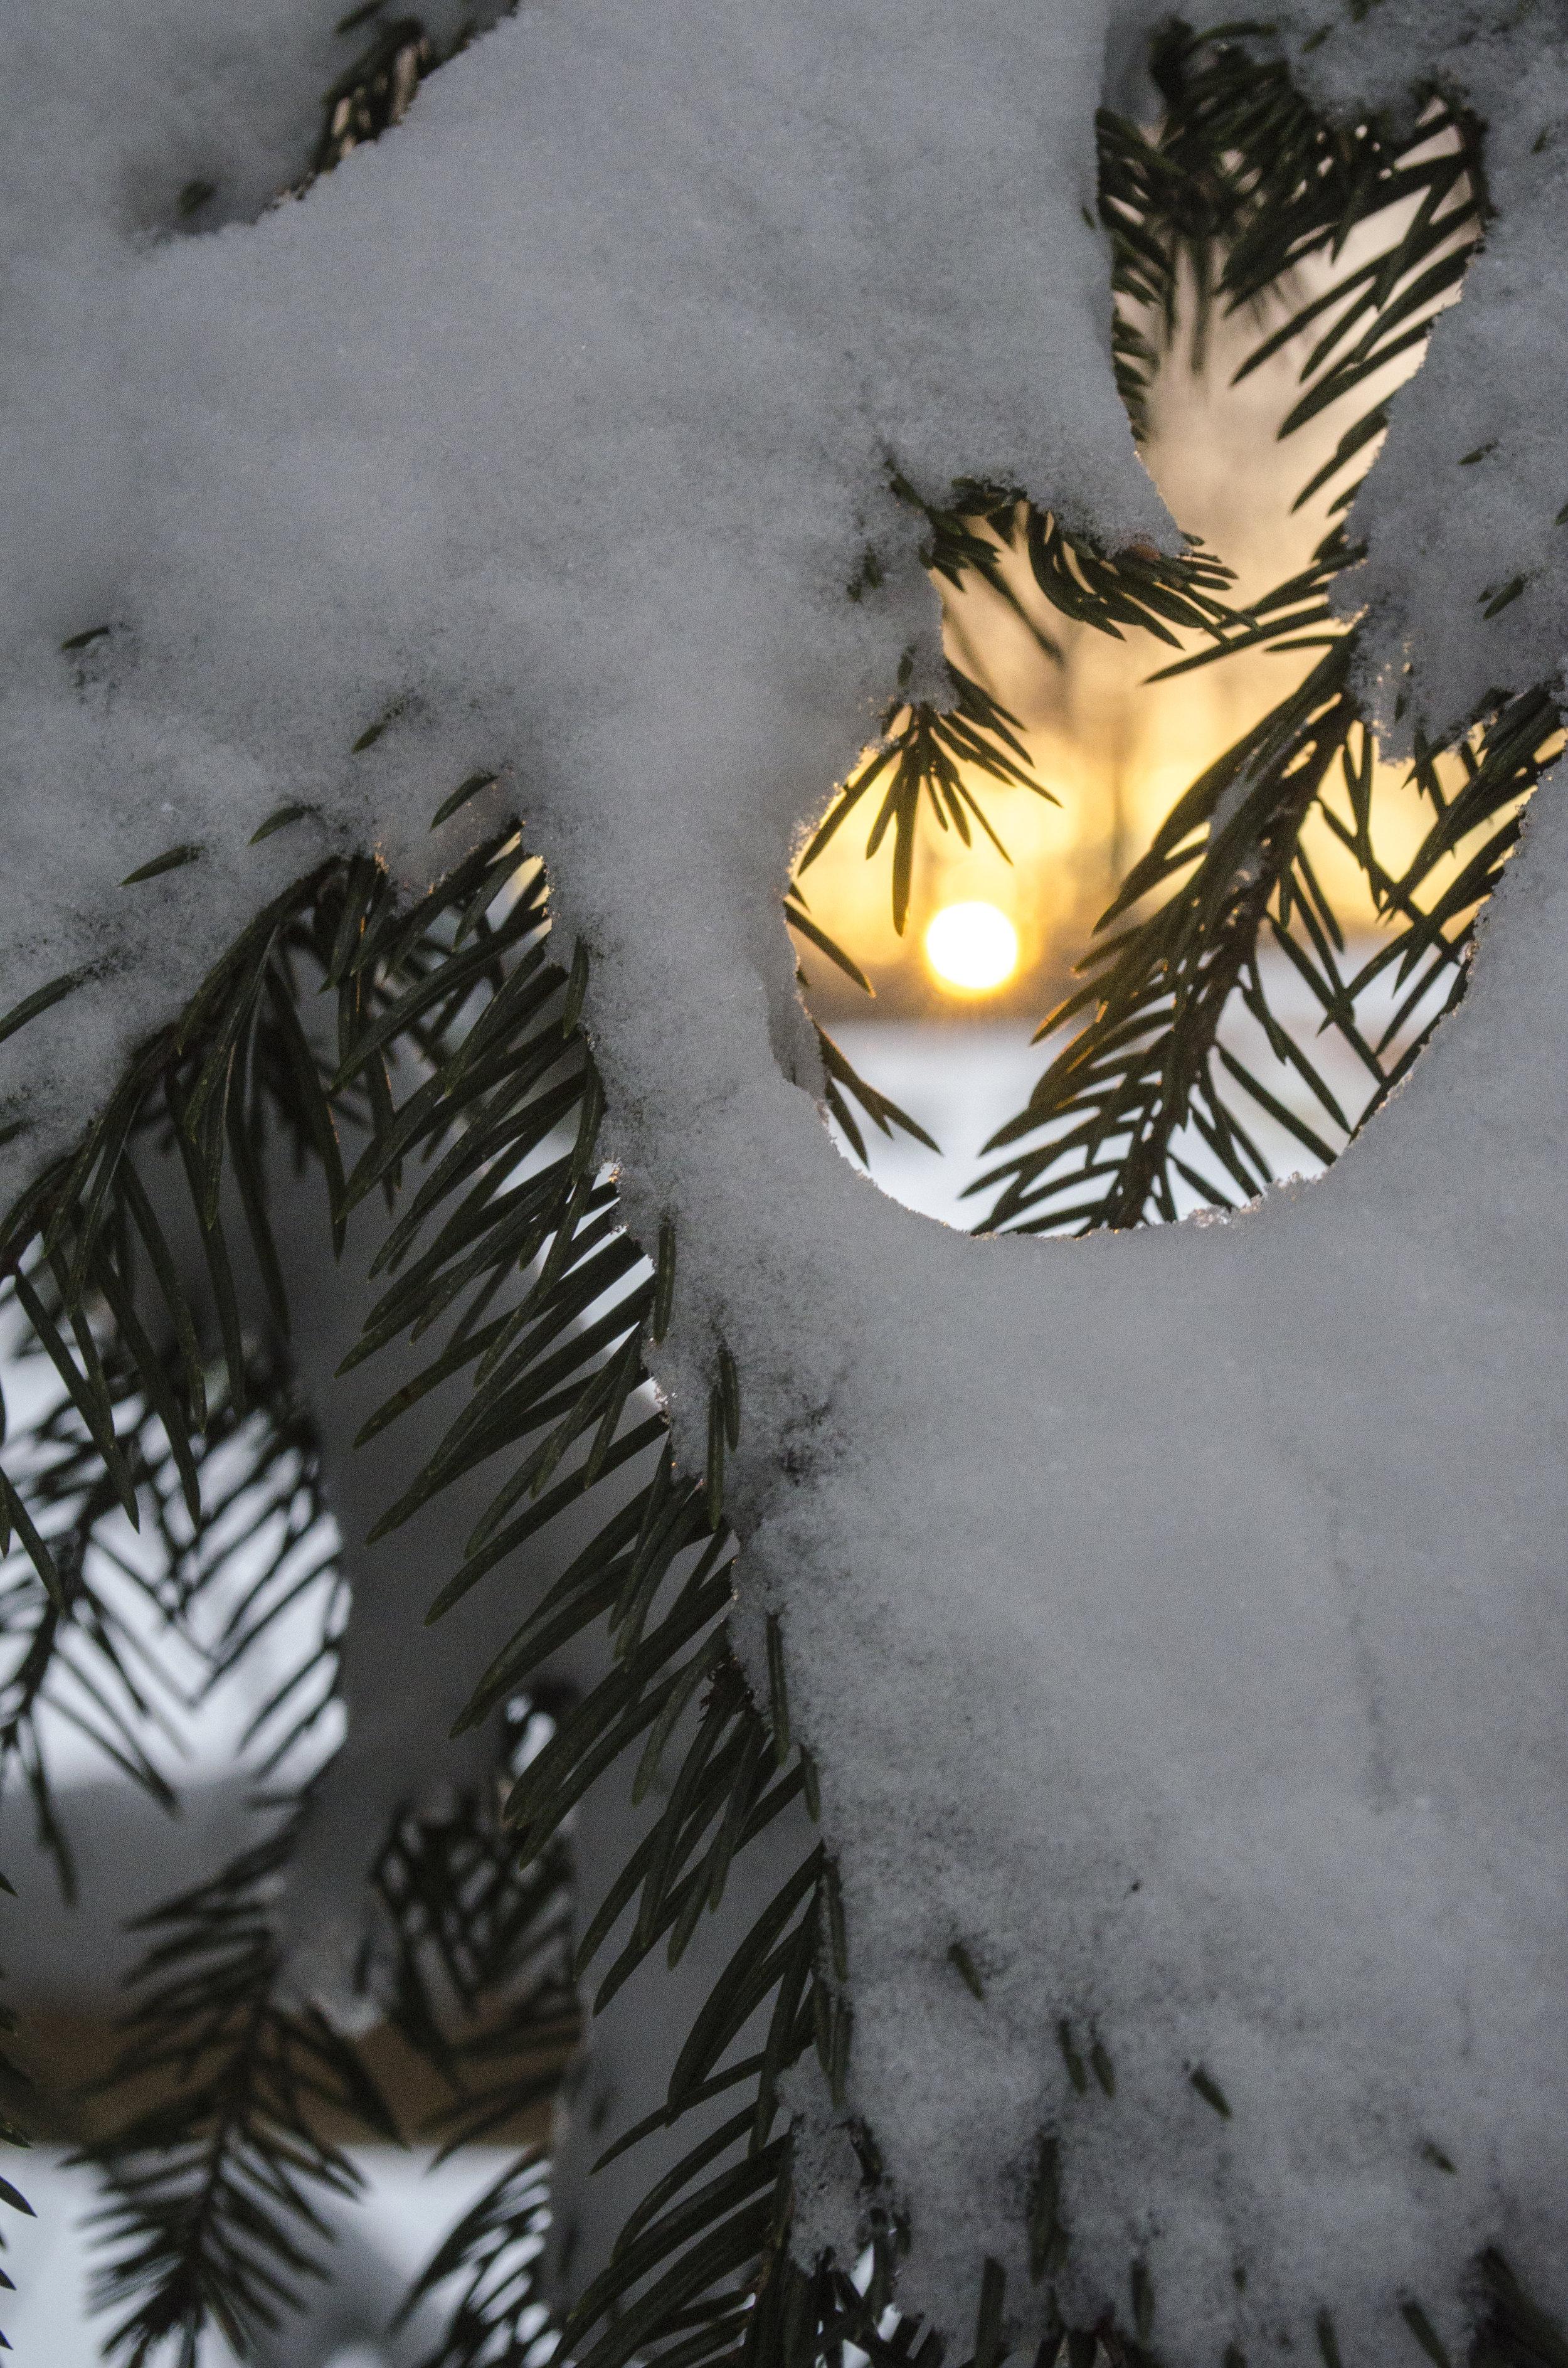 sun-setting-through-the-pine_32440657680_o.jpg